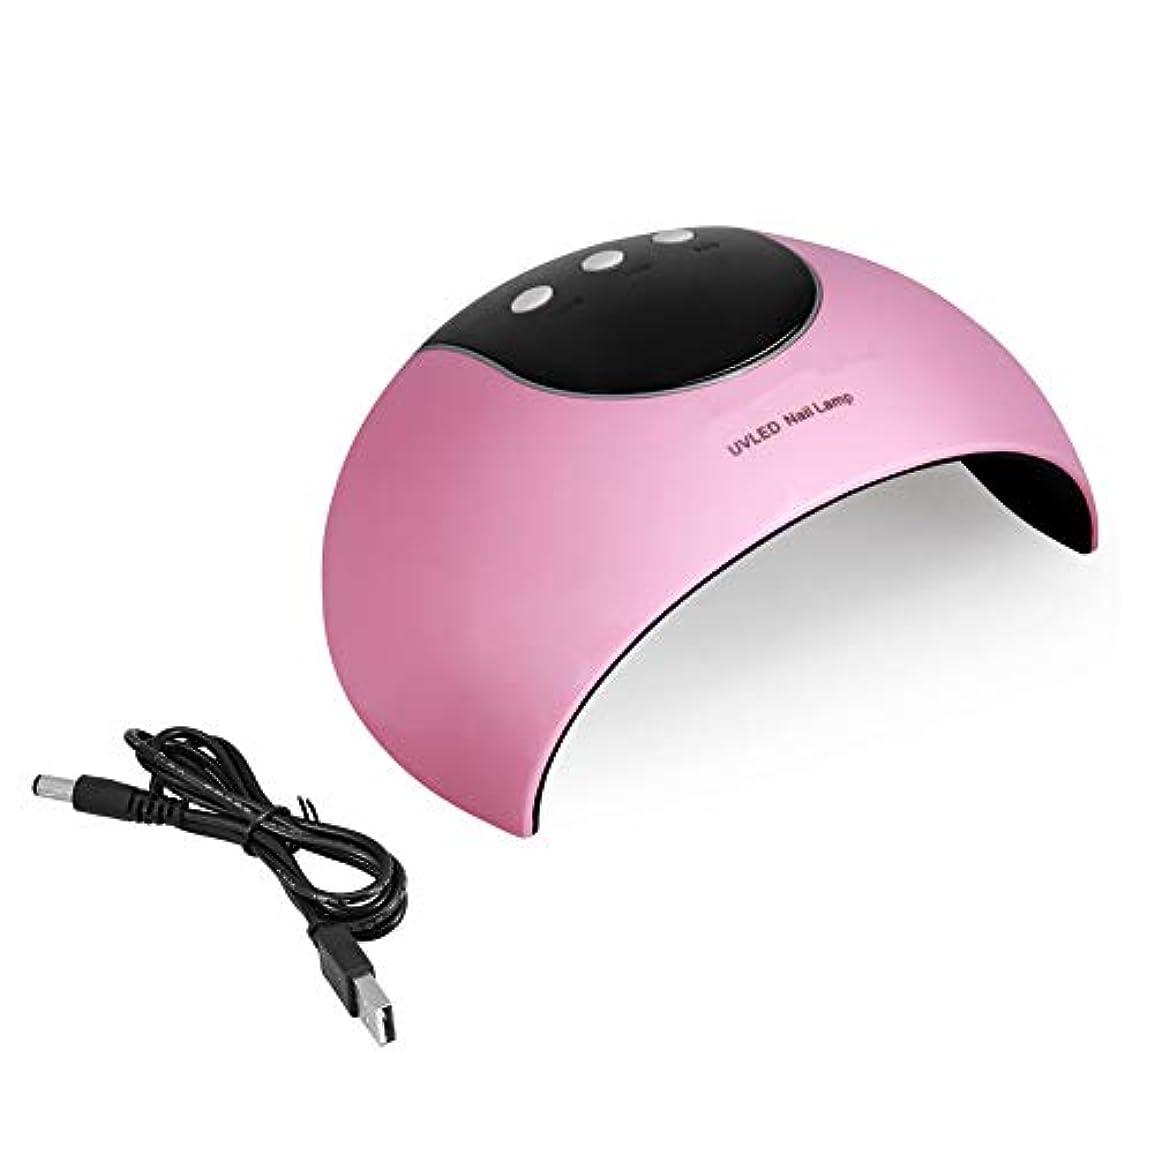 どのくらいの頻度で何もない競合他社選手UVネイルランプ - 24W LEDネイルマニキュアランプネイルポリッシュドライヤーオートセンサーマシンネイルアートドライヤーピンク (Color : Pink)